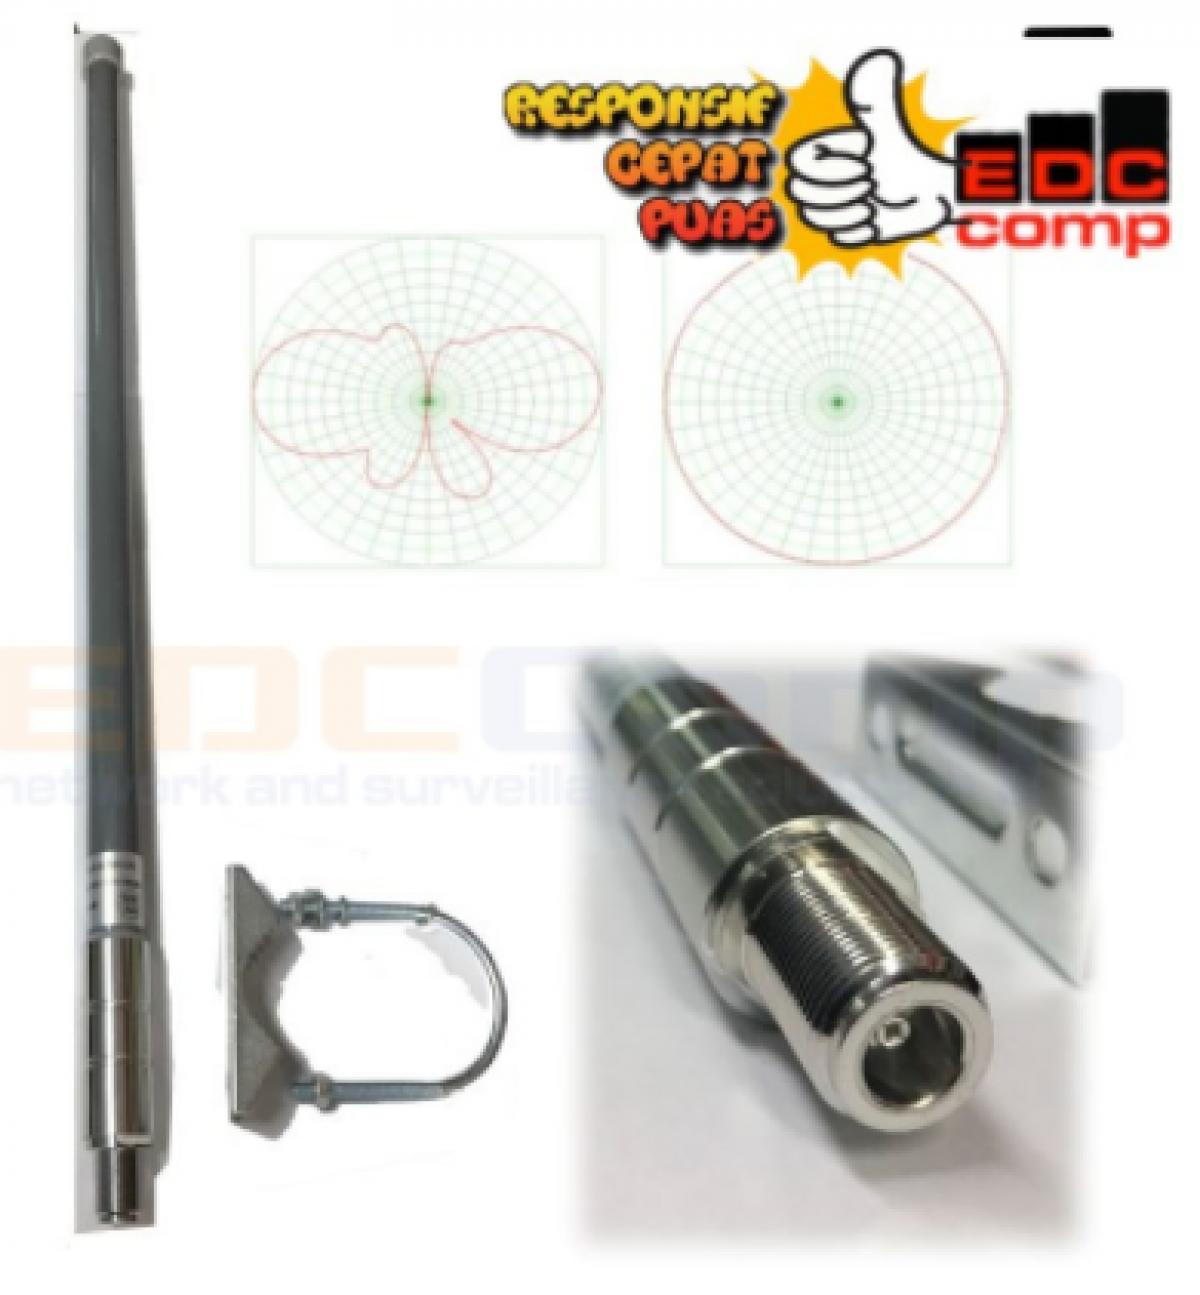 Antenna Omni Hotspot Wifi Dual Band 2.4G / 5.8G 8dBi N-Female 35 - EdcComp